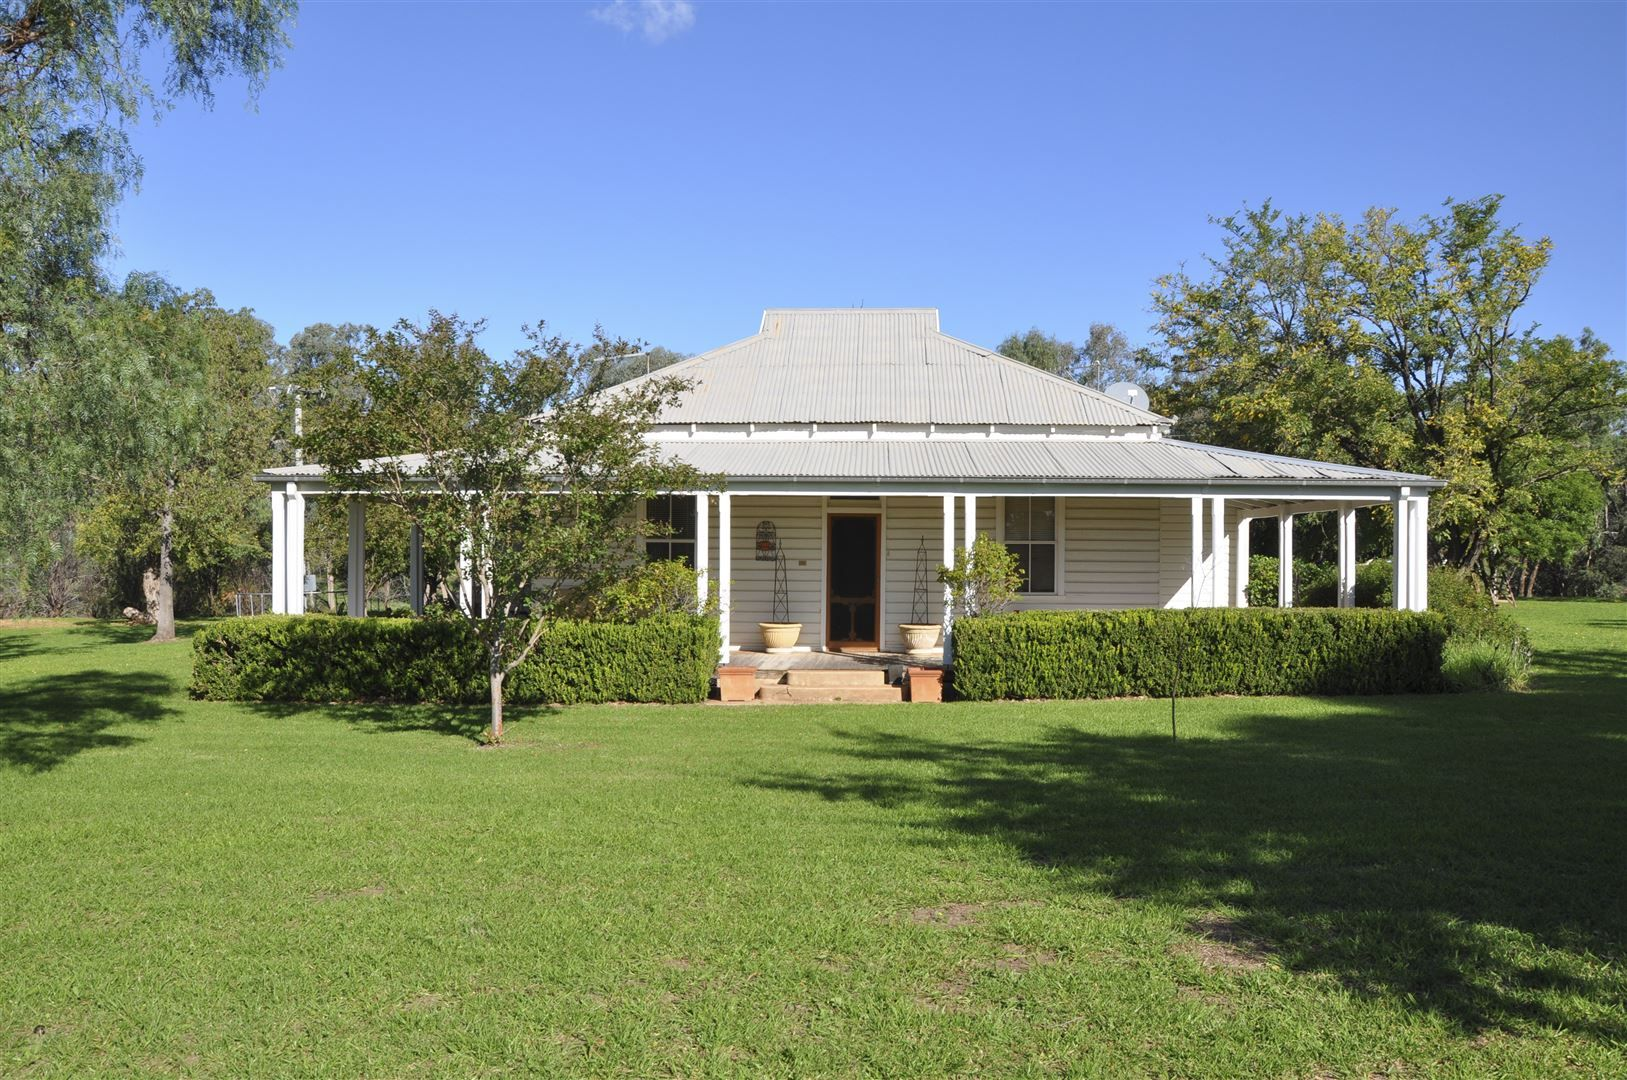 . 'Balmoral', Balmoral Rd, Mullaley NSW 2379, Image 0